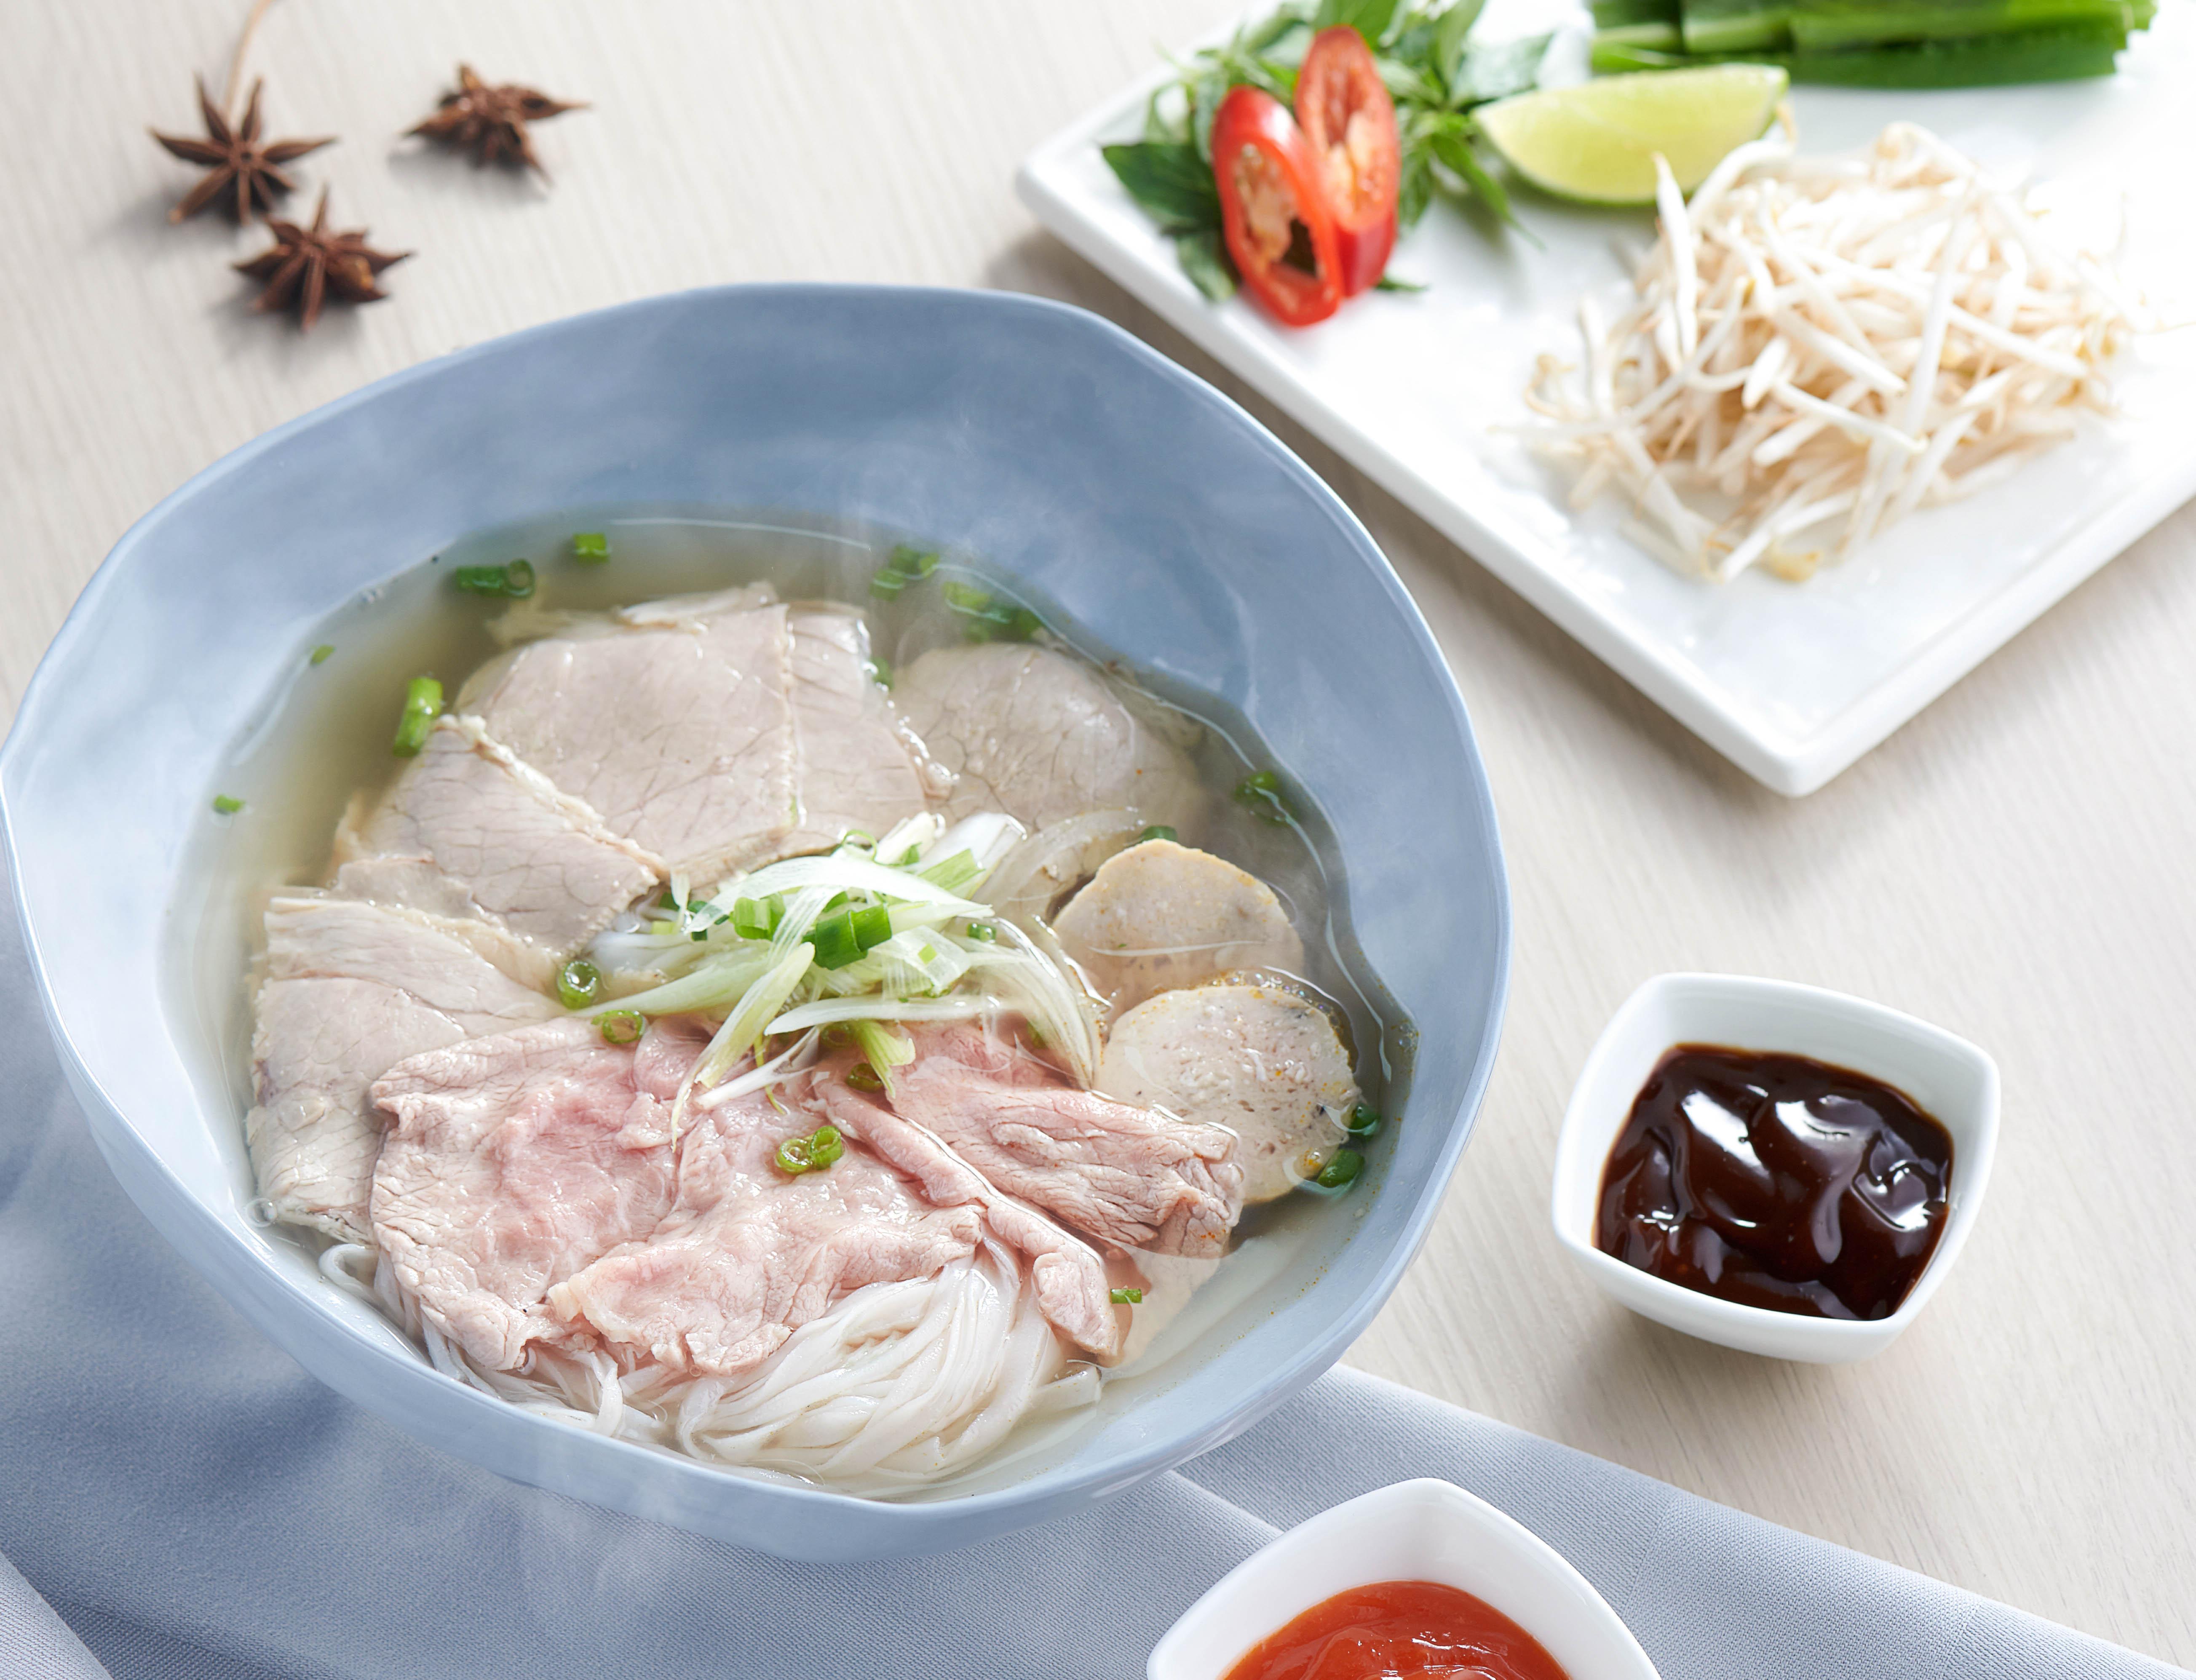 Sheraton Grand Đà Nẵng - Table 88 - Phở - Helen Le